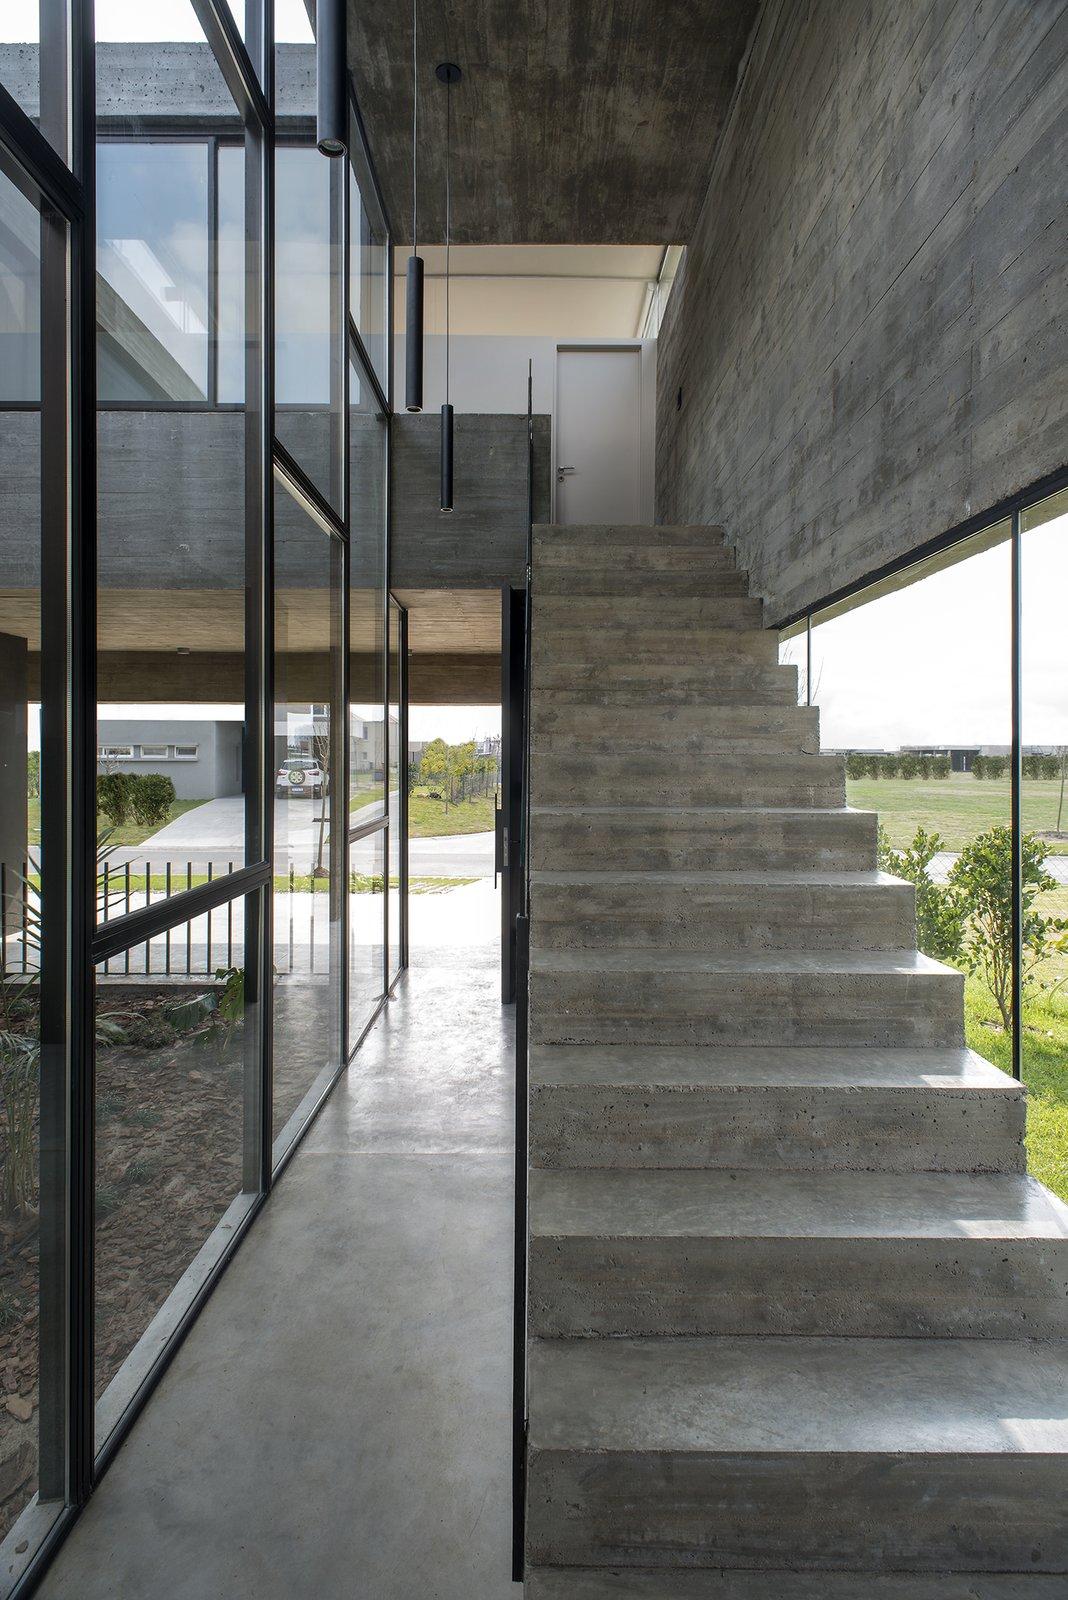 Staircase, Glass Railing, and Concrete Tread Castaños House by Arch. Ekaterina Kunzel & Arch. María Belén García Bottazzini  Castaños House